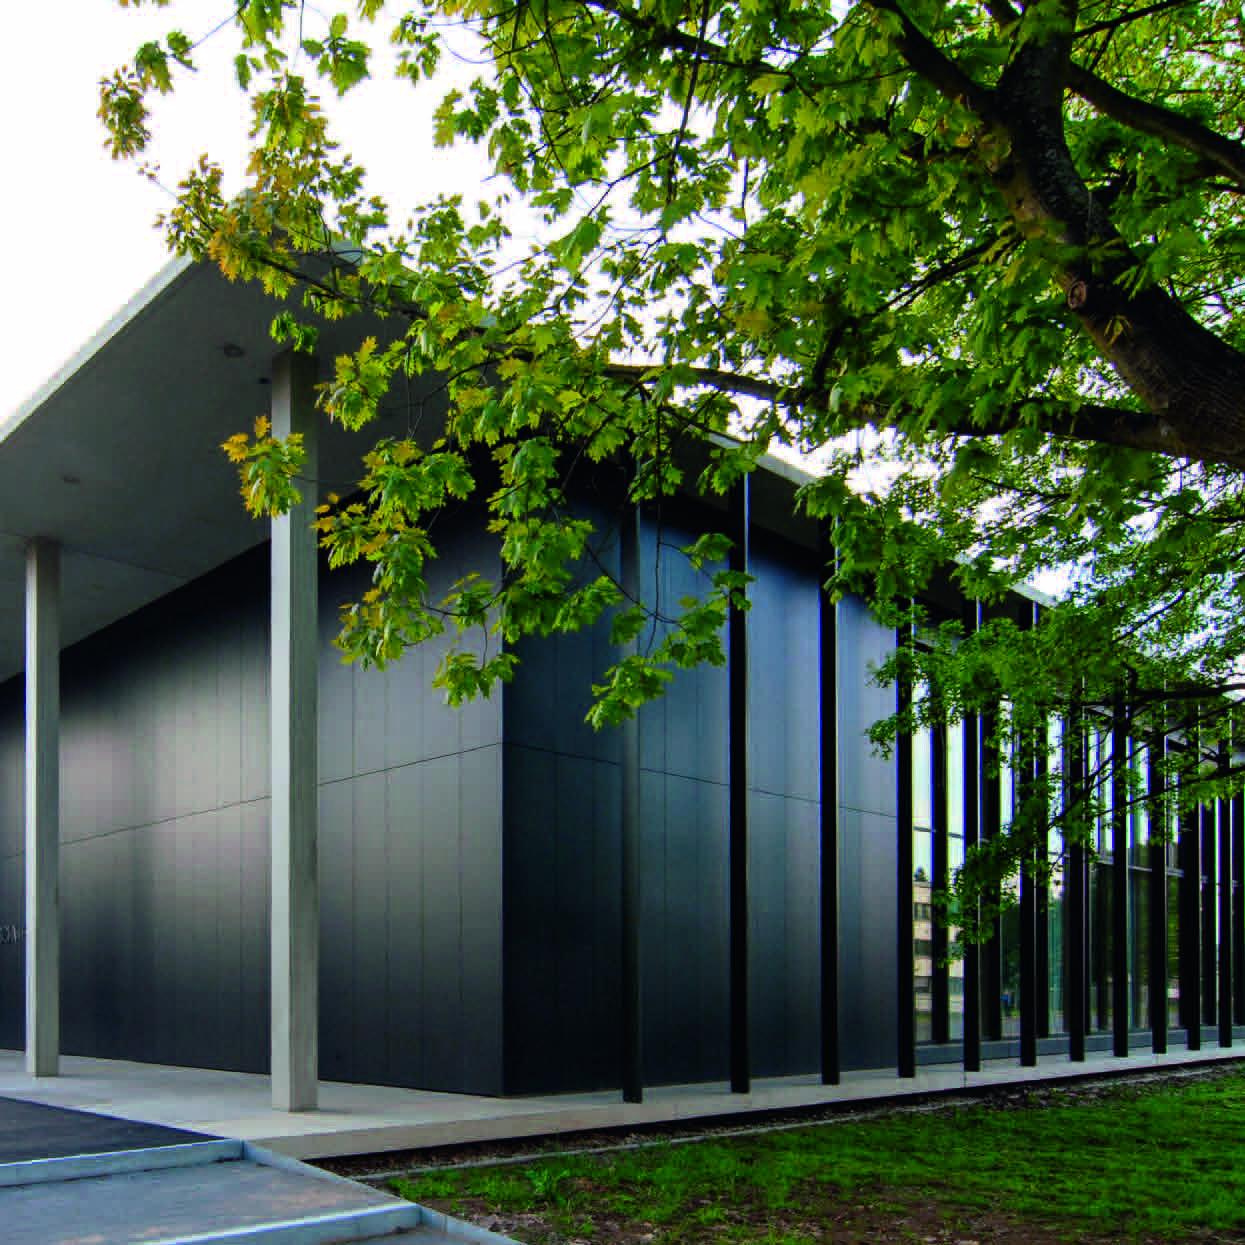 BDA Architekturpreis Rheinland-Pfalz, Auszeichung